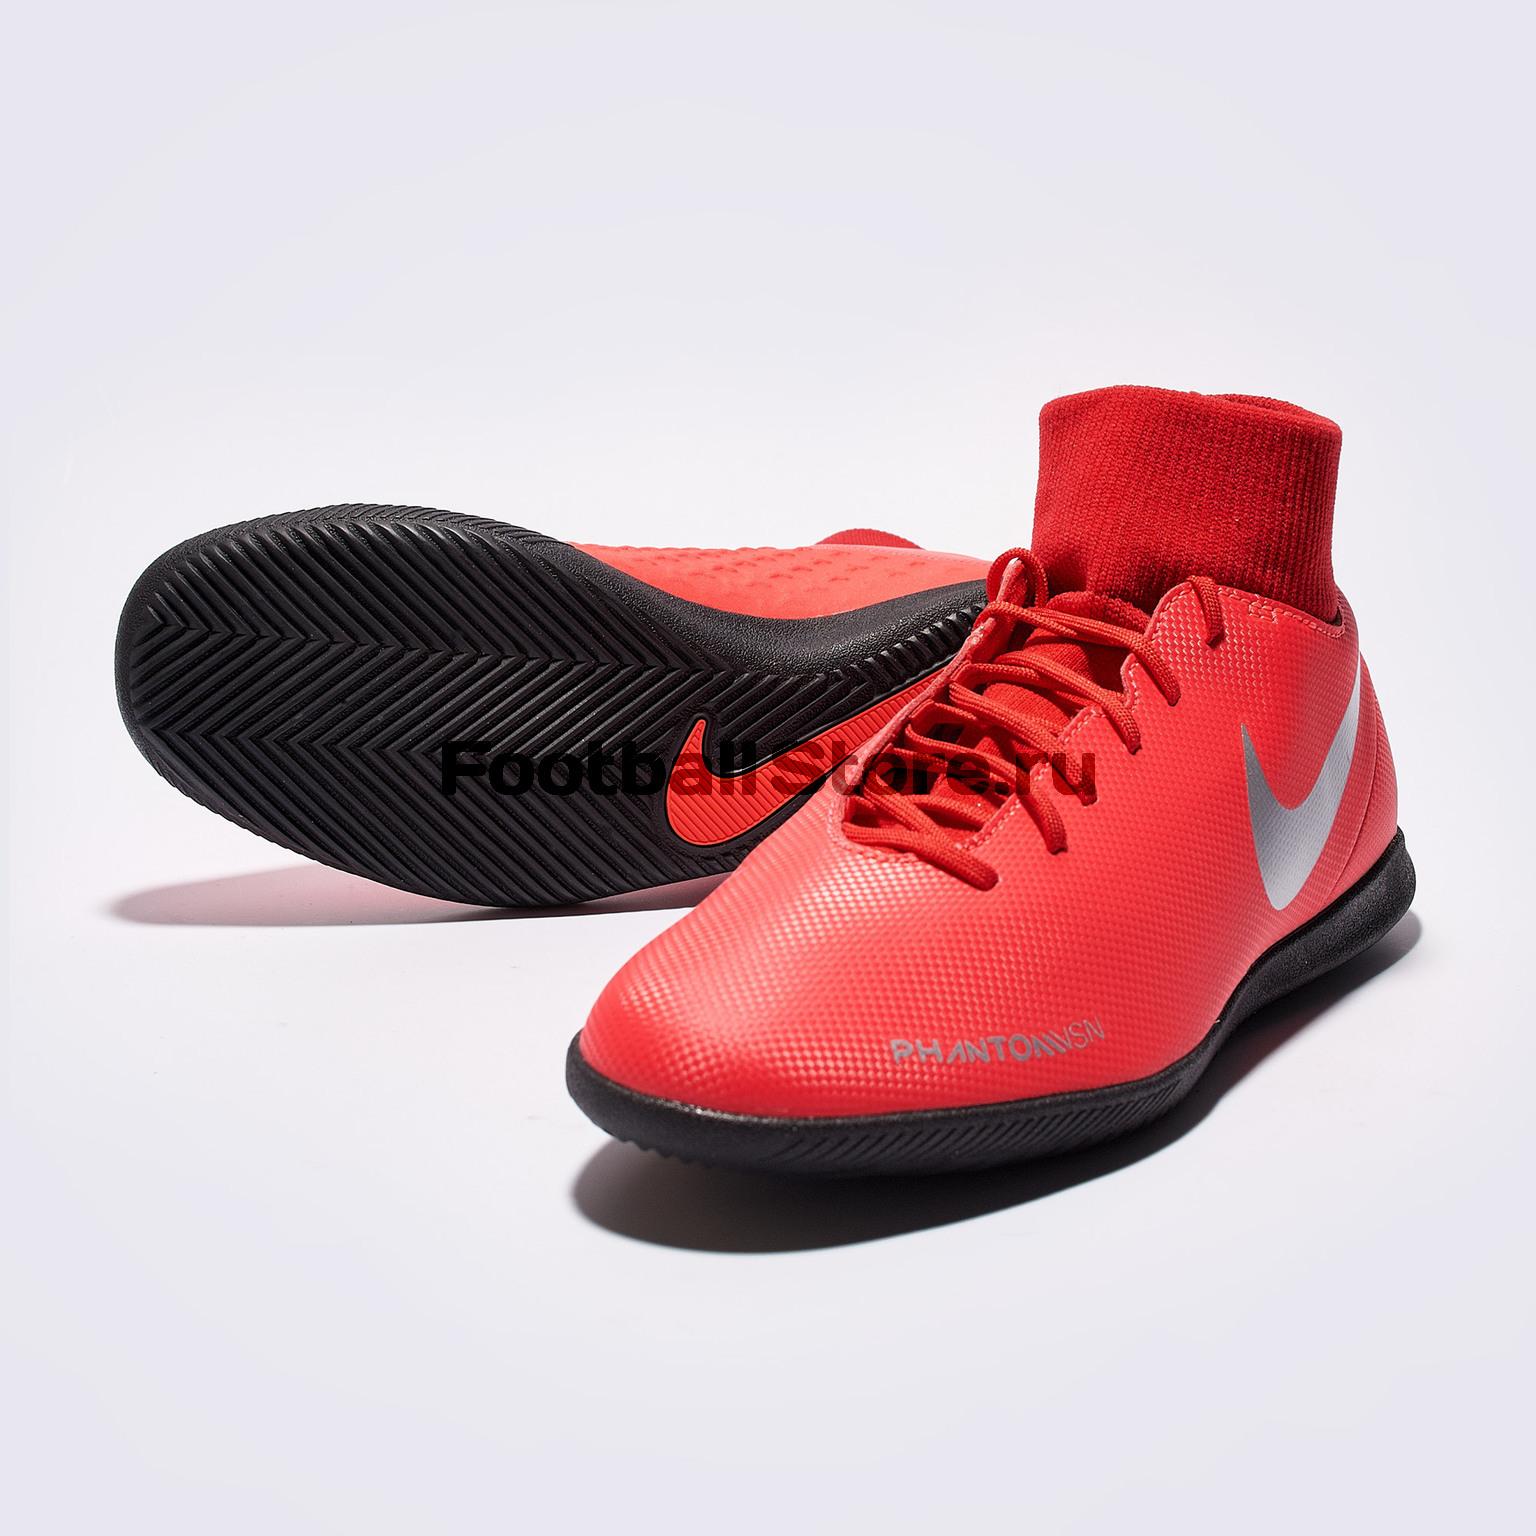 Футзалки Nike Phantom Vision Club DF IC AO3271-600 футзалки nike phantom vision academy df ic ao3267 400